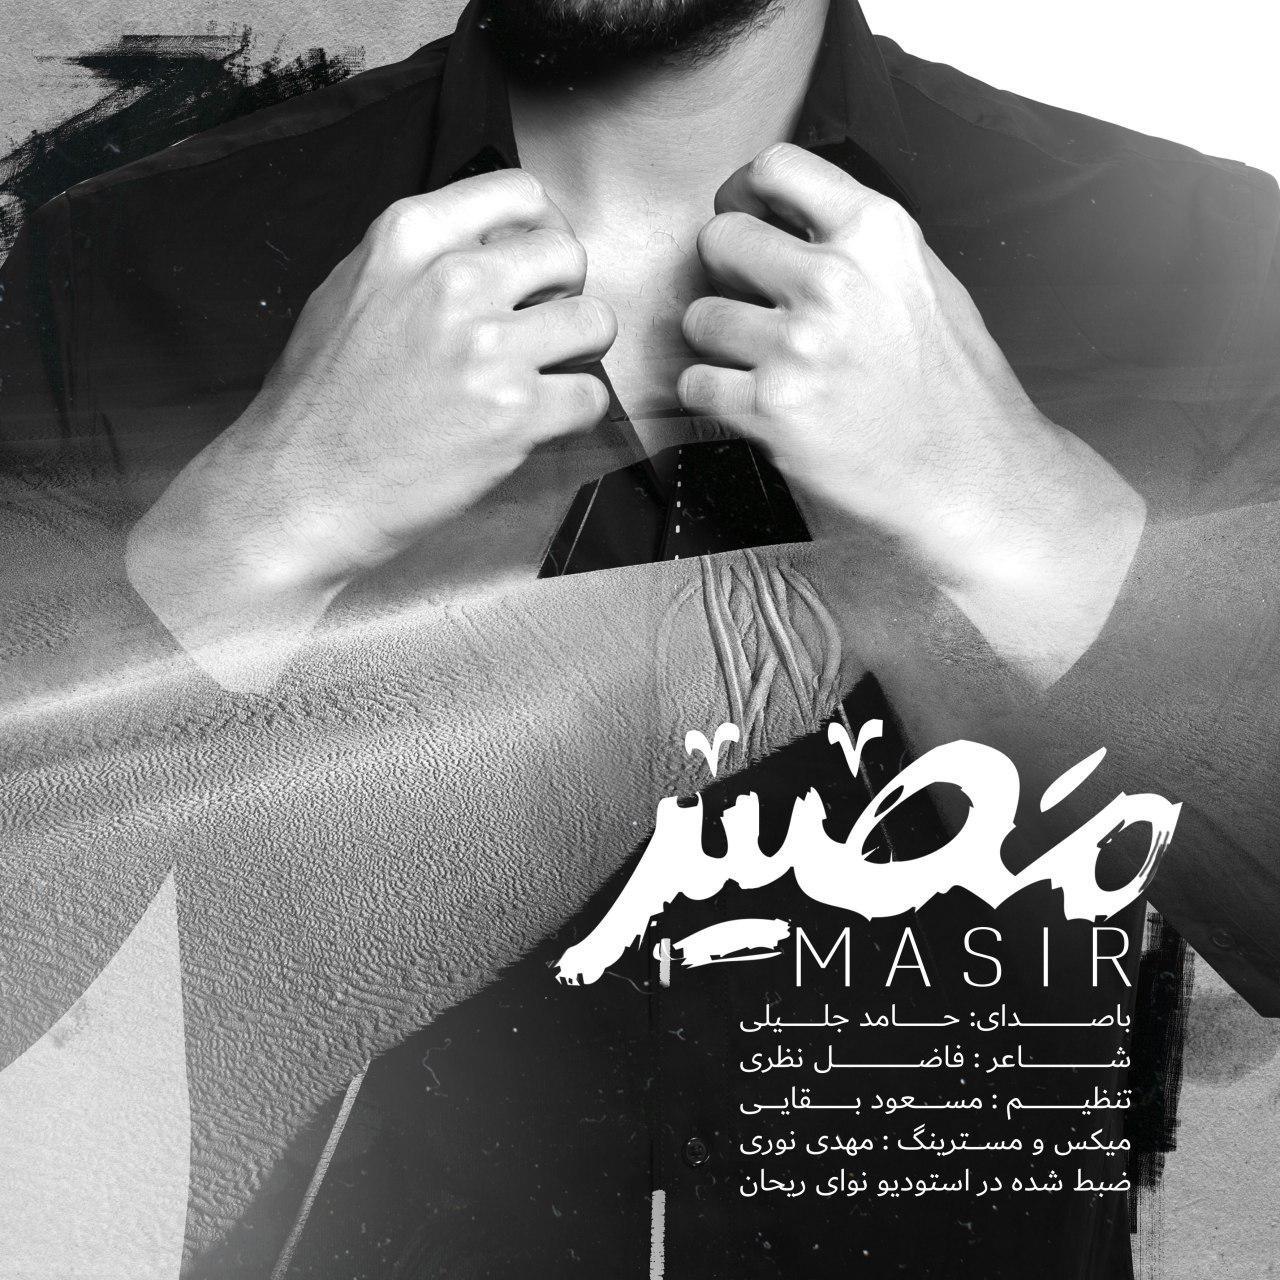 دانلود آهنگ جدید حامد جلیلی به نام مصیر